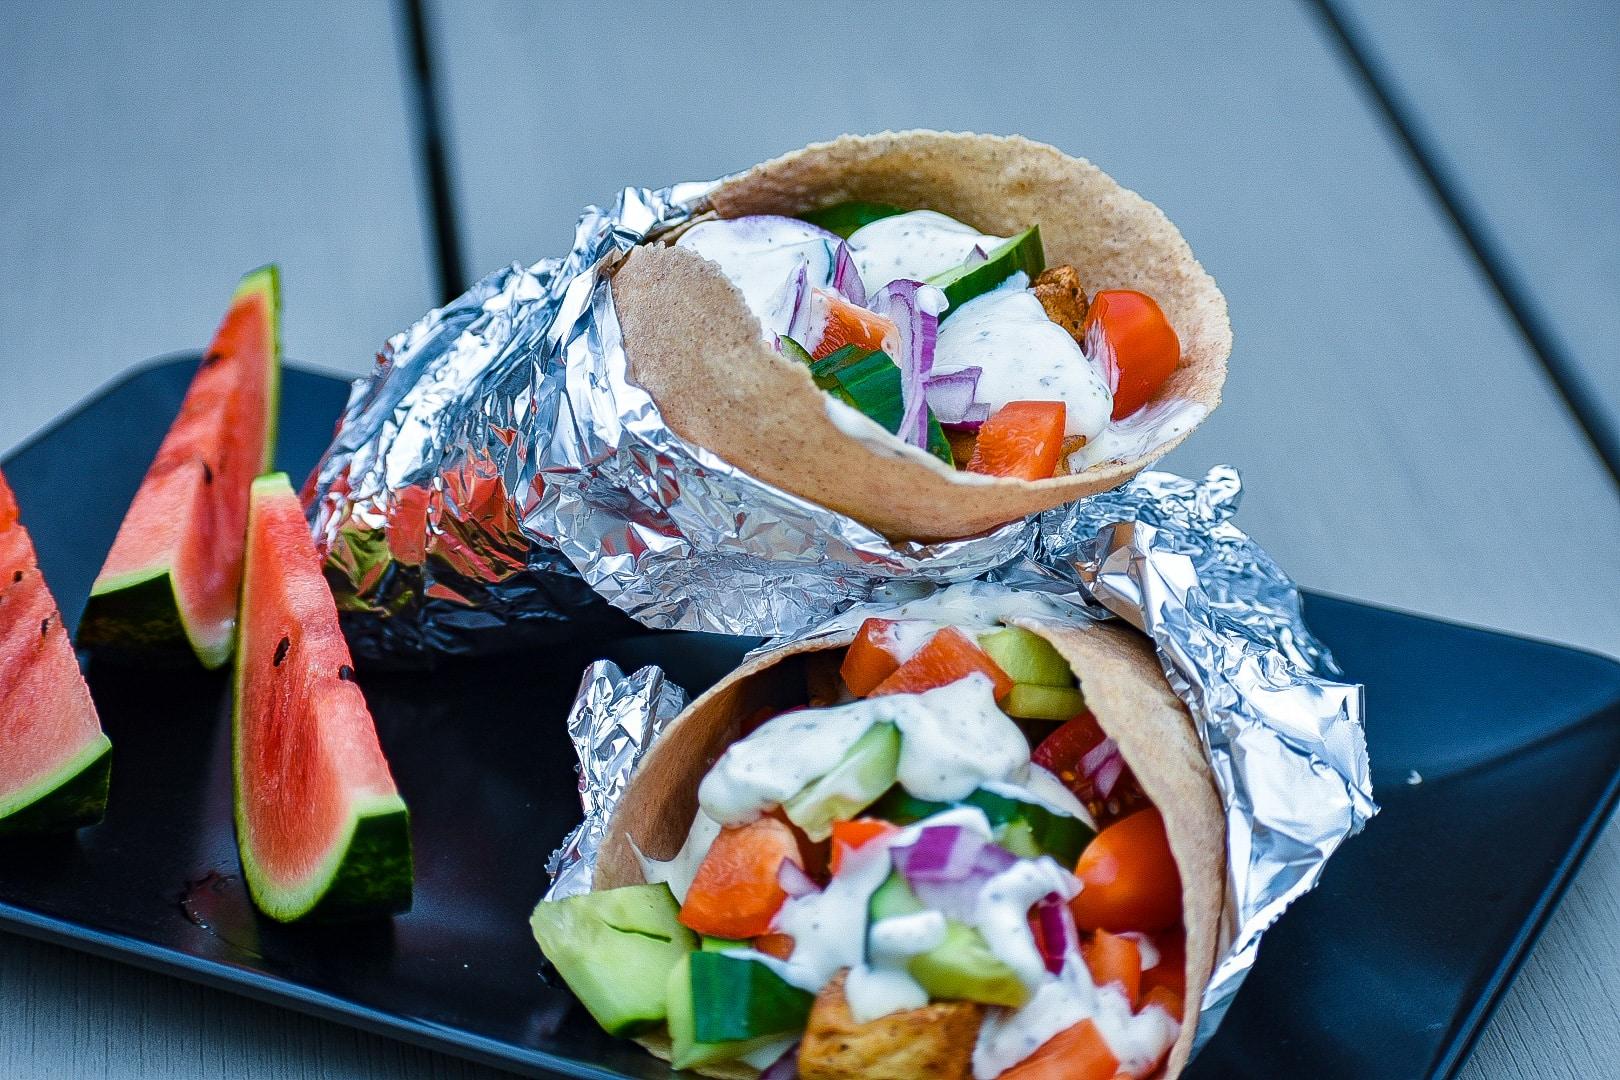 Picknick-mat: wraps med kryddig kyckling och örtdressing